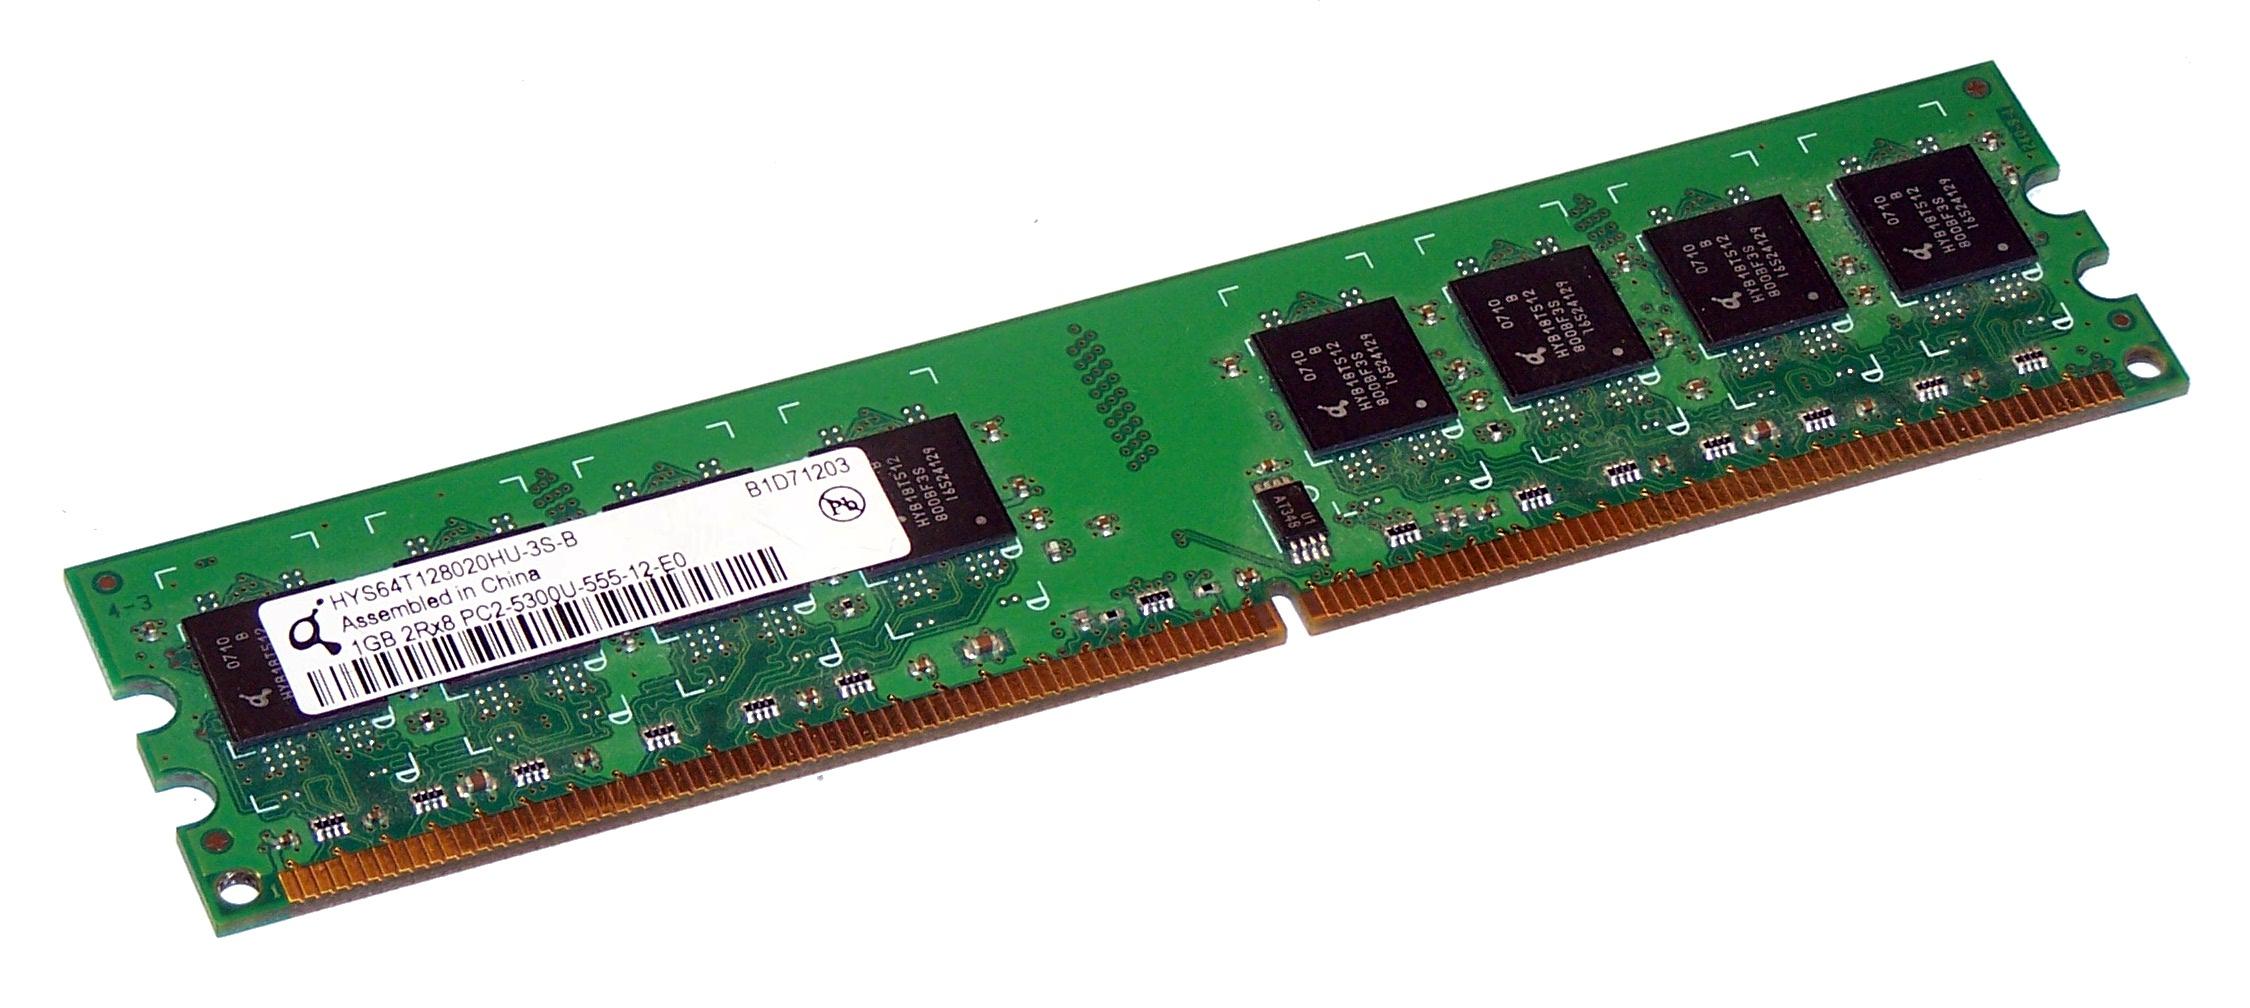 1GB 2Rx8 PC2 5300U 555 1Gb 2Rx8 PC2-5300-555 ddr2 Non-Ecc 667mhz